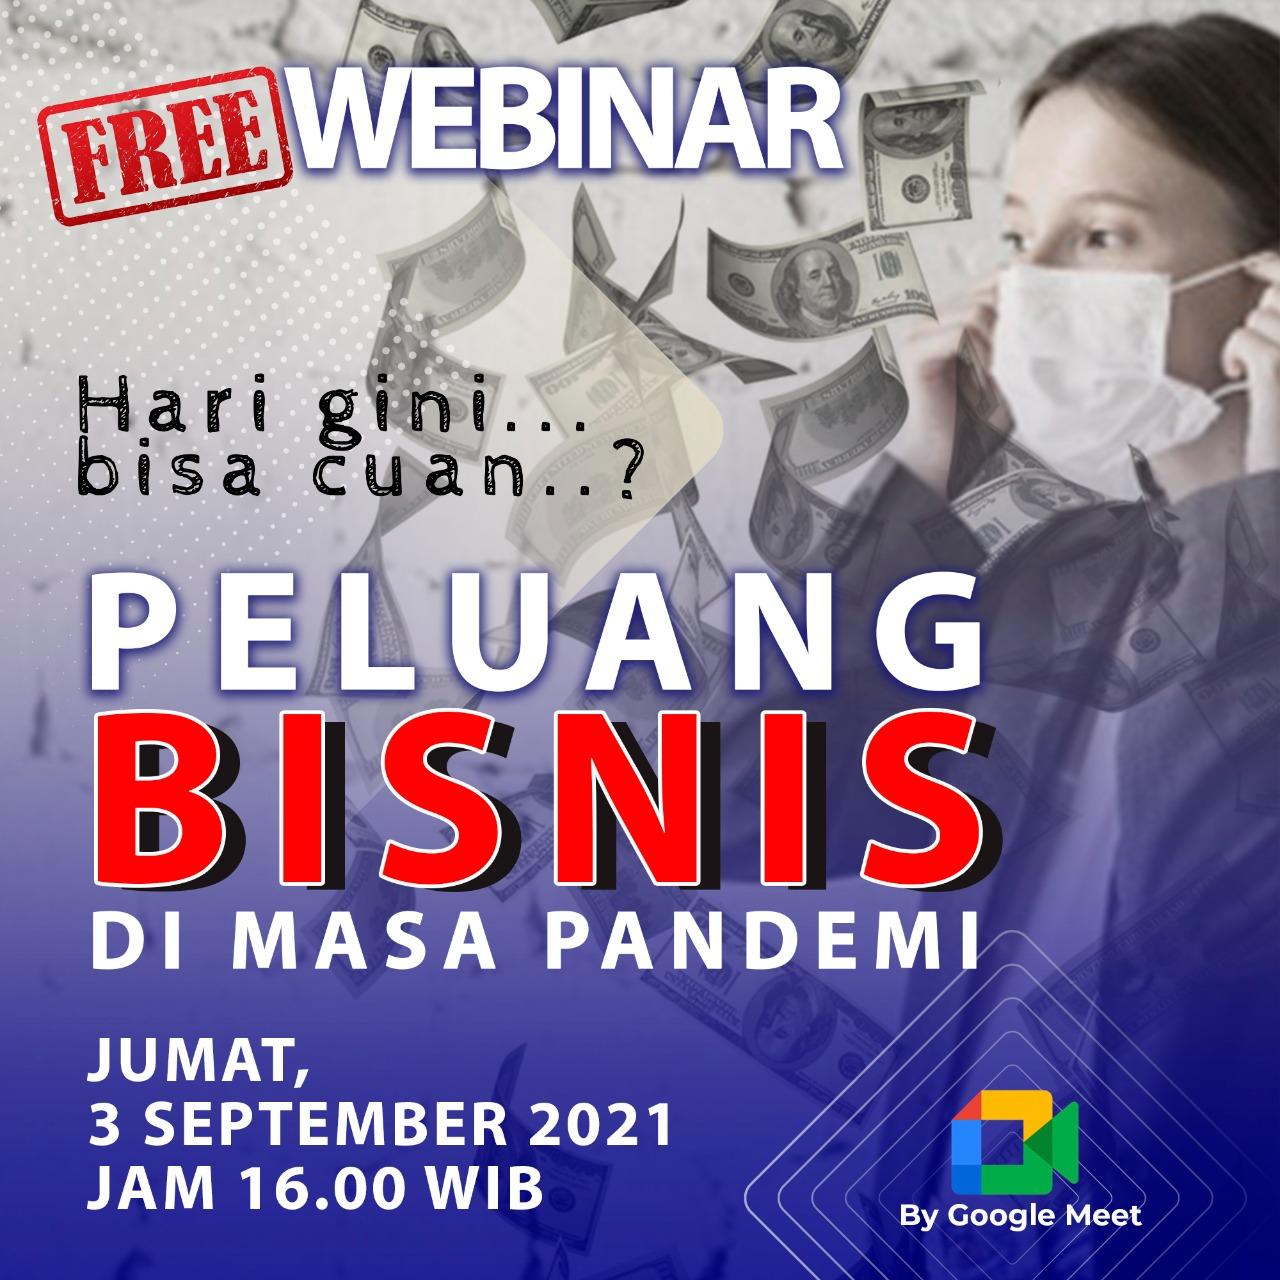 Webinar - Peluang Bisnis Di Masa Pandemi - 3 September 2021